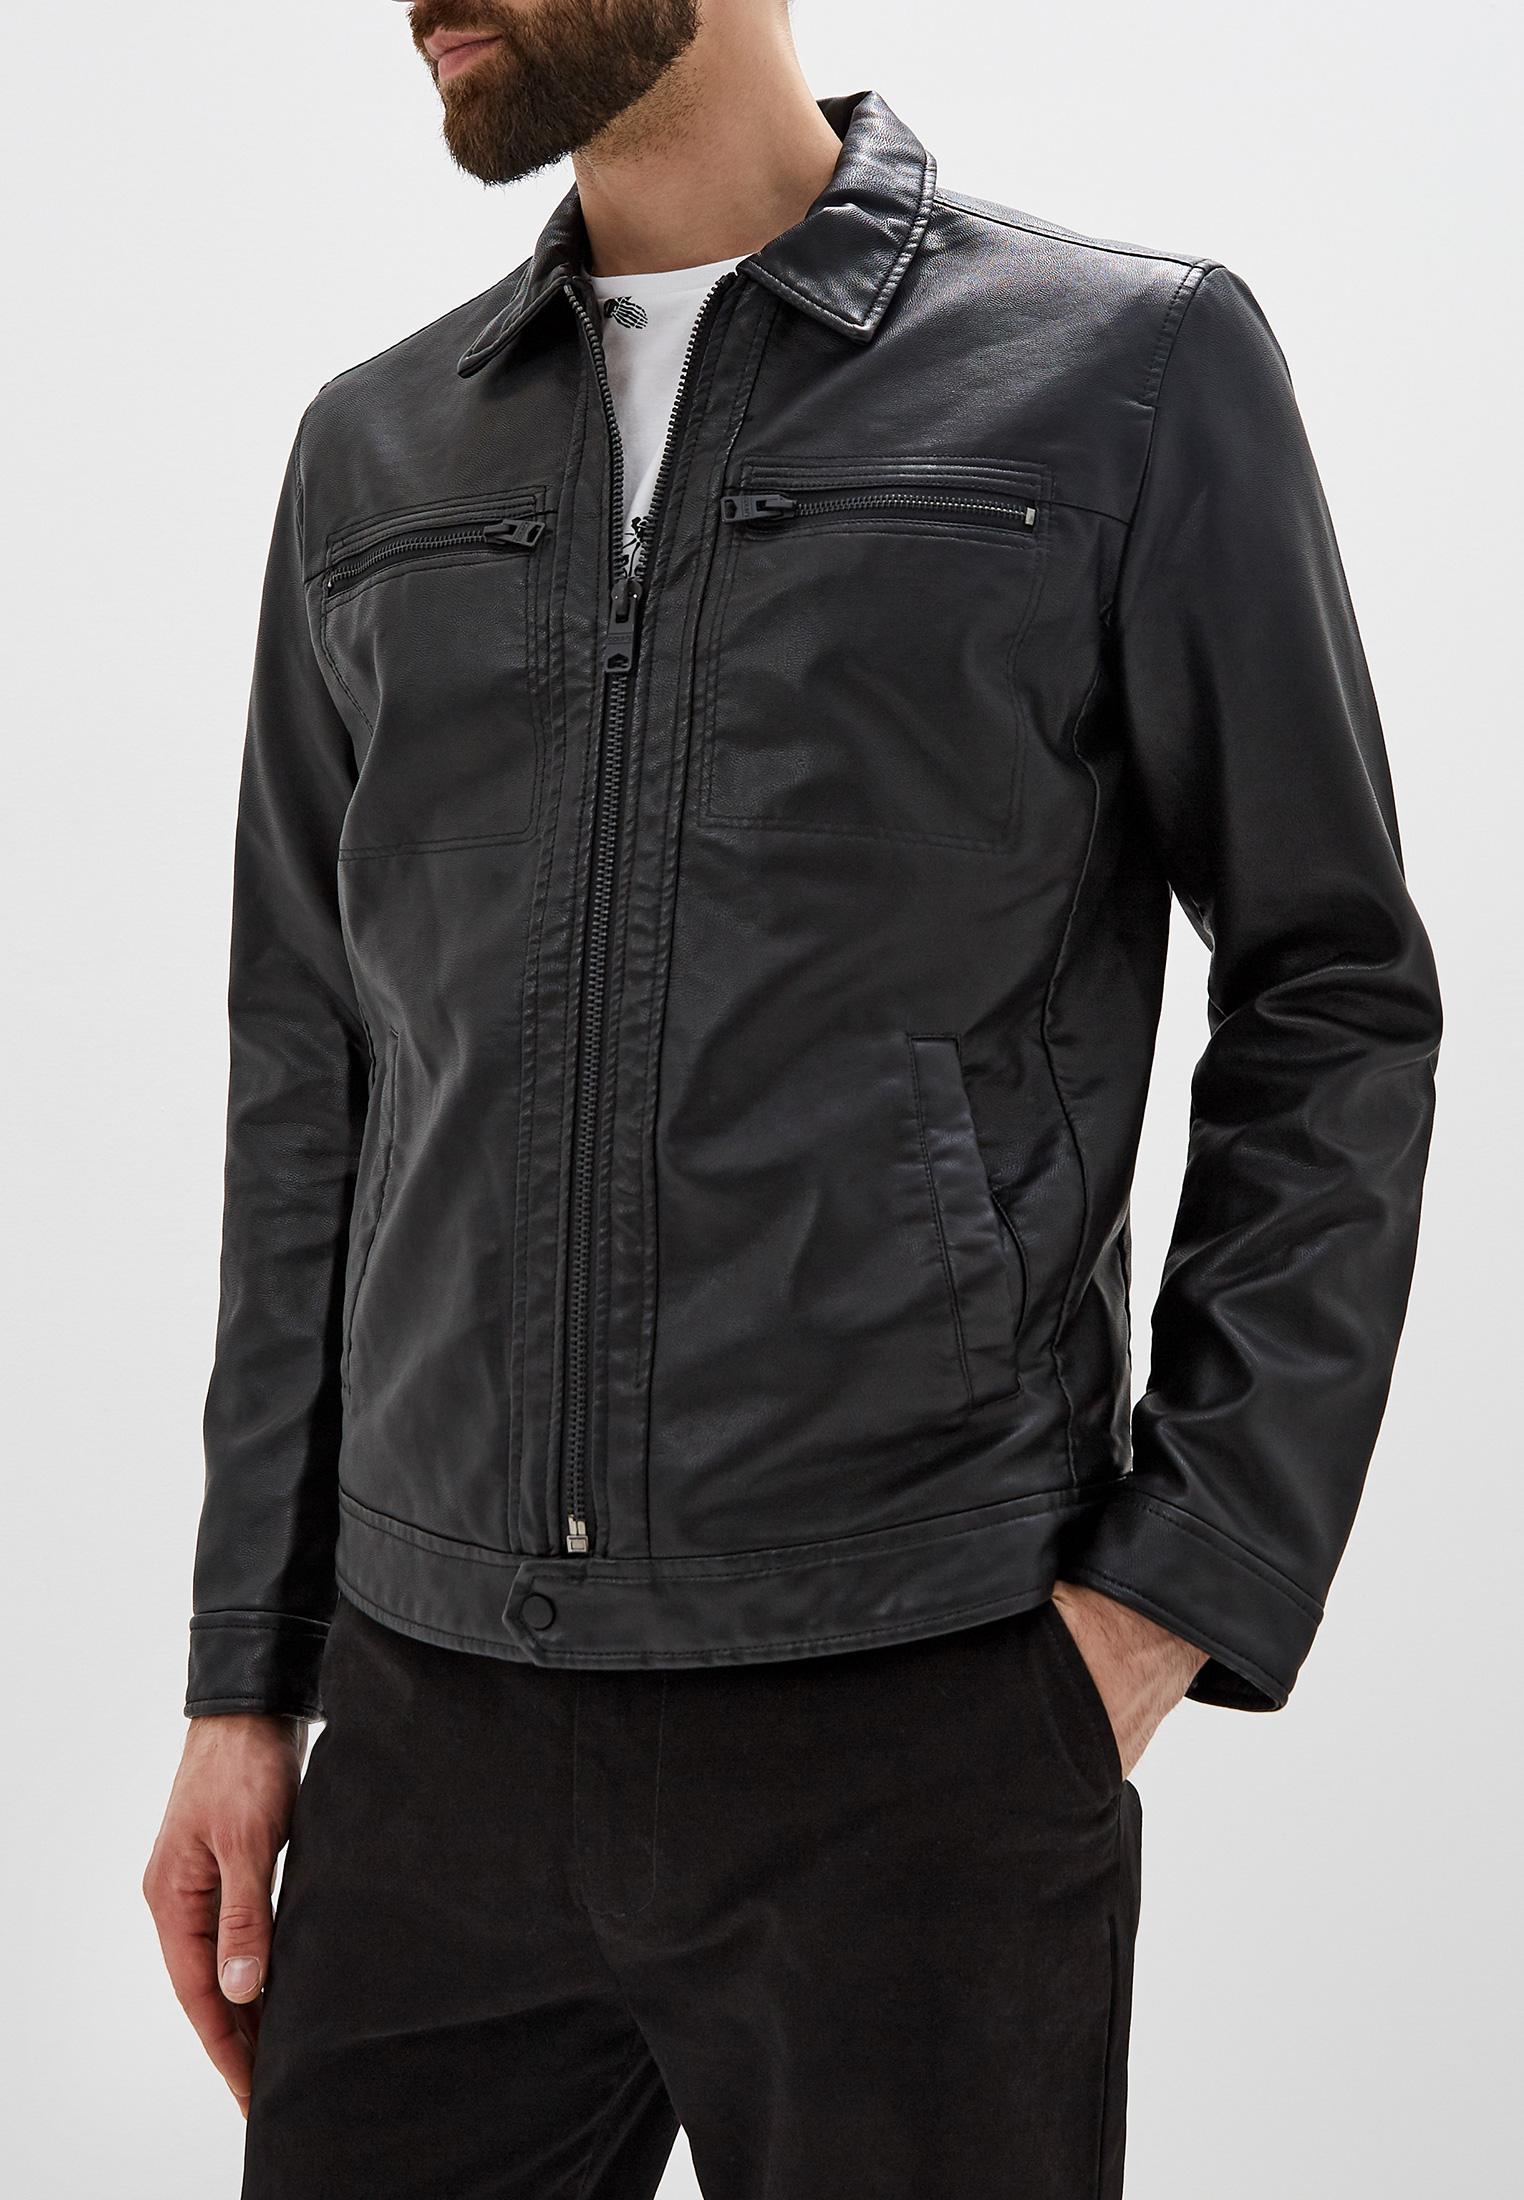 Куртка кожаная, Colin's, цвет: черный. Артикул: MP002XM0SU6S. Одежда / Верхняя одежда / Кожаные куртки